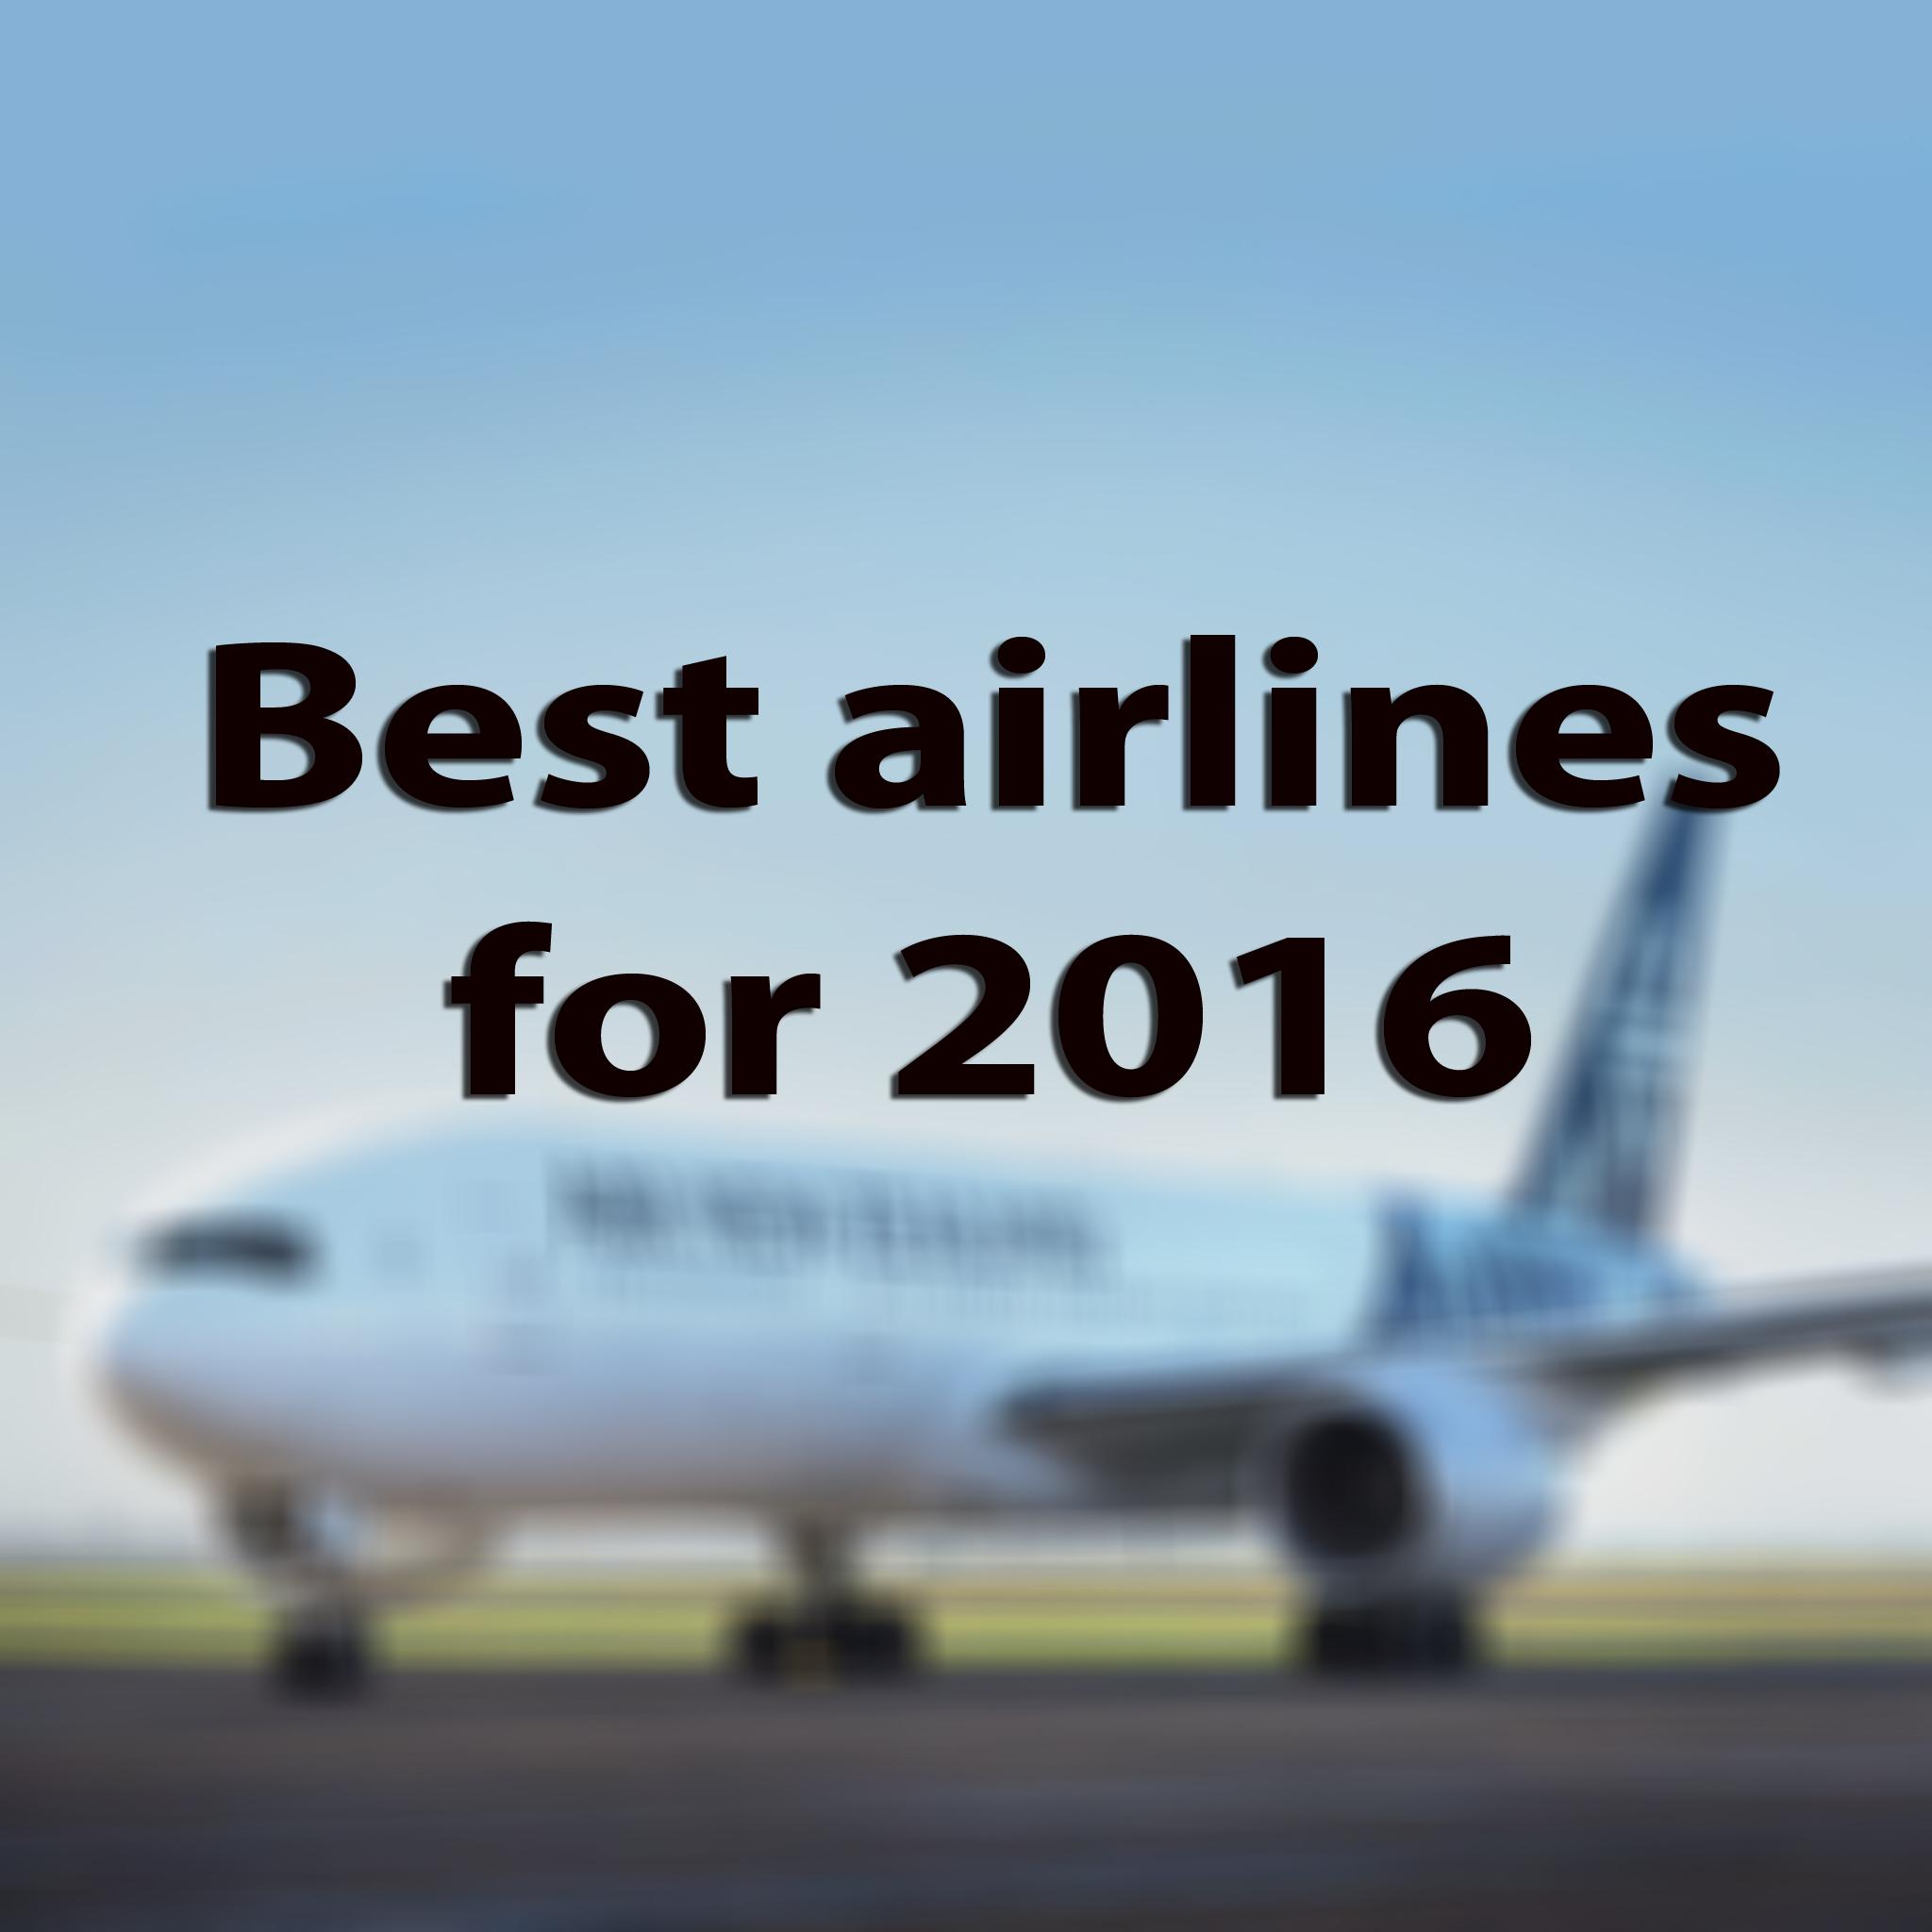 Travel blogger: My $10,000 first-class flight was $130